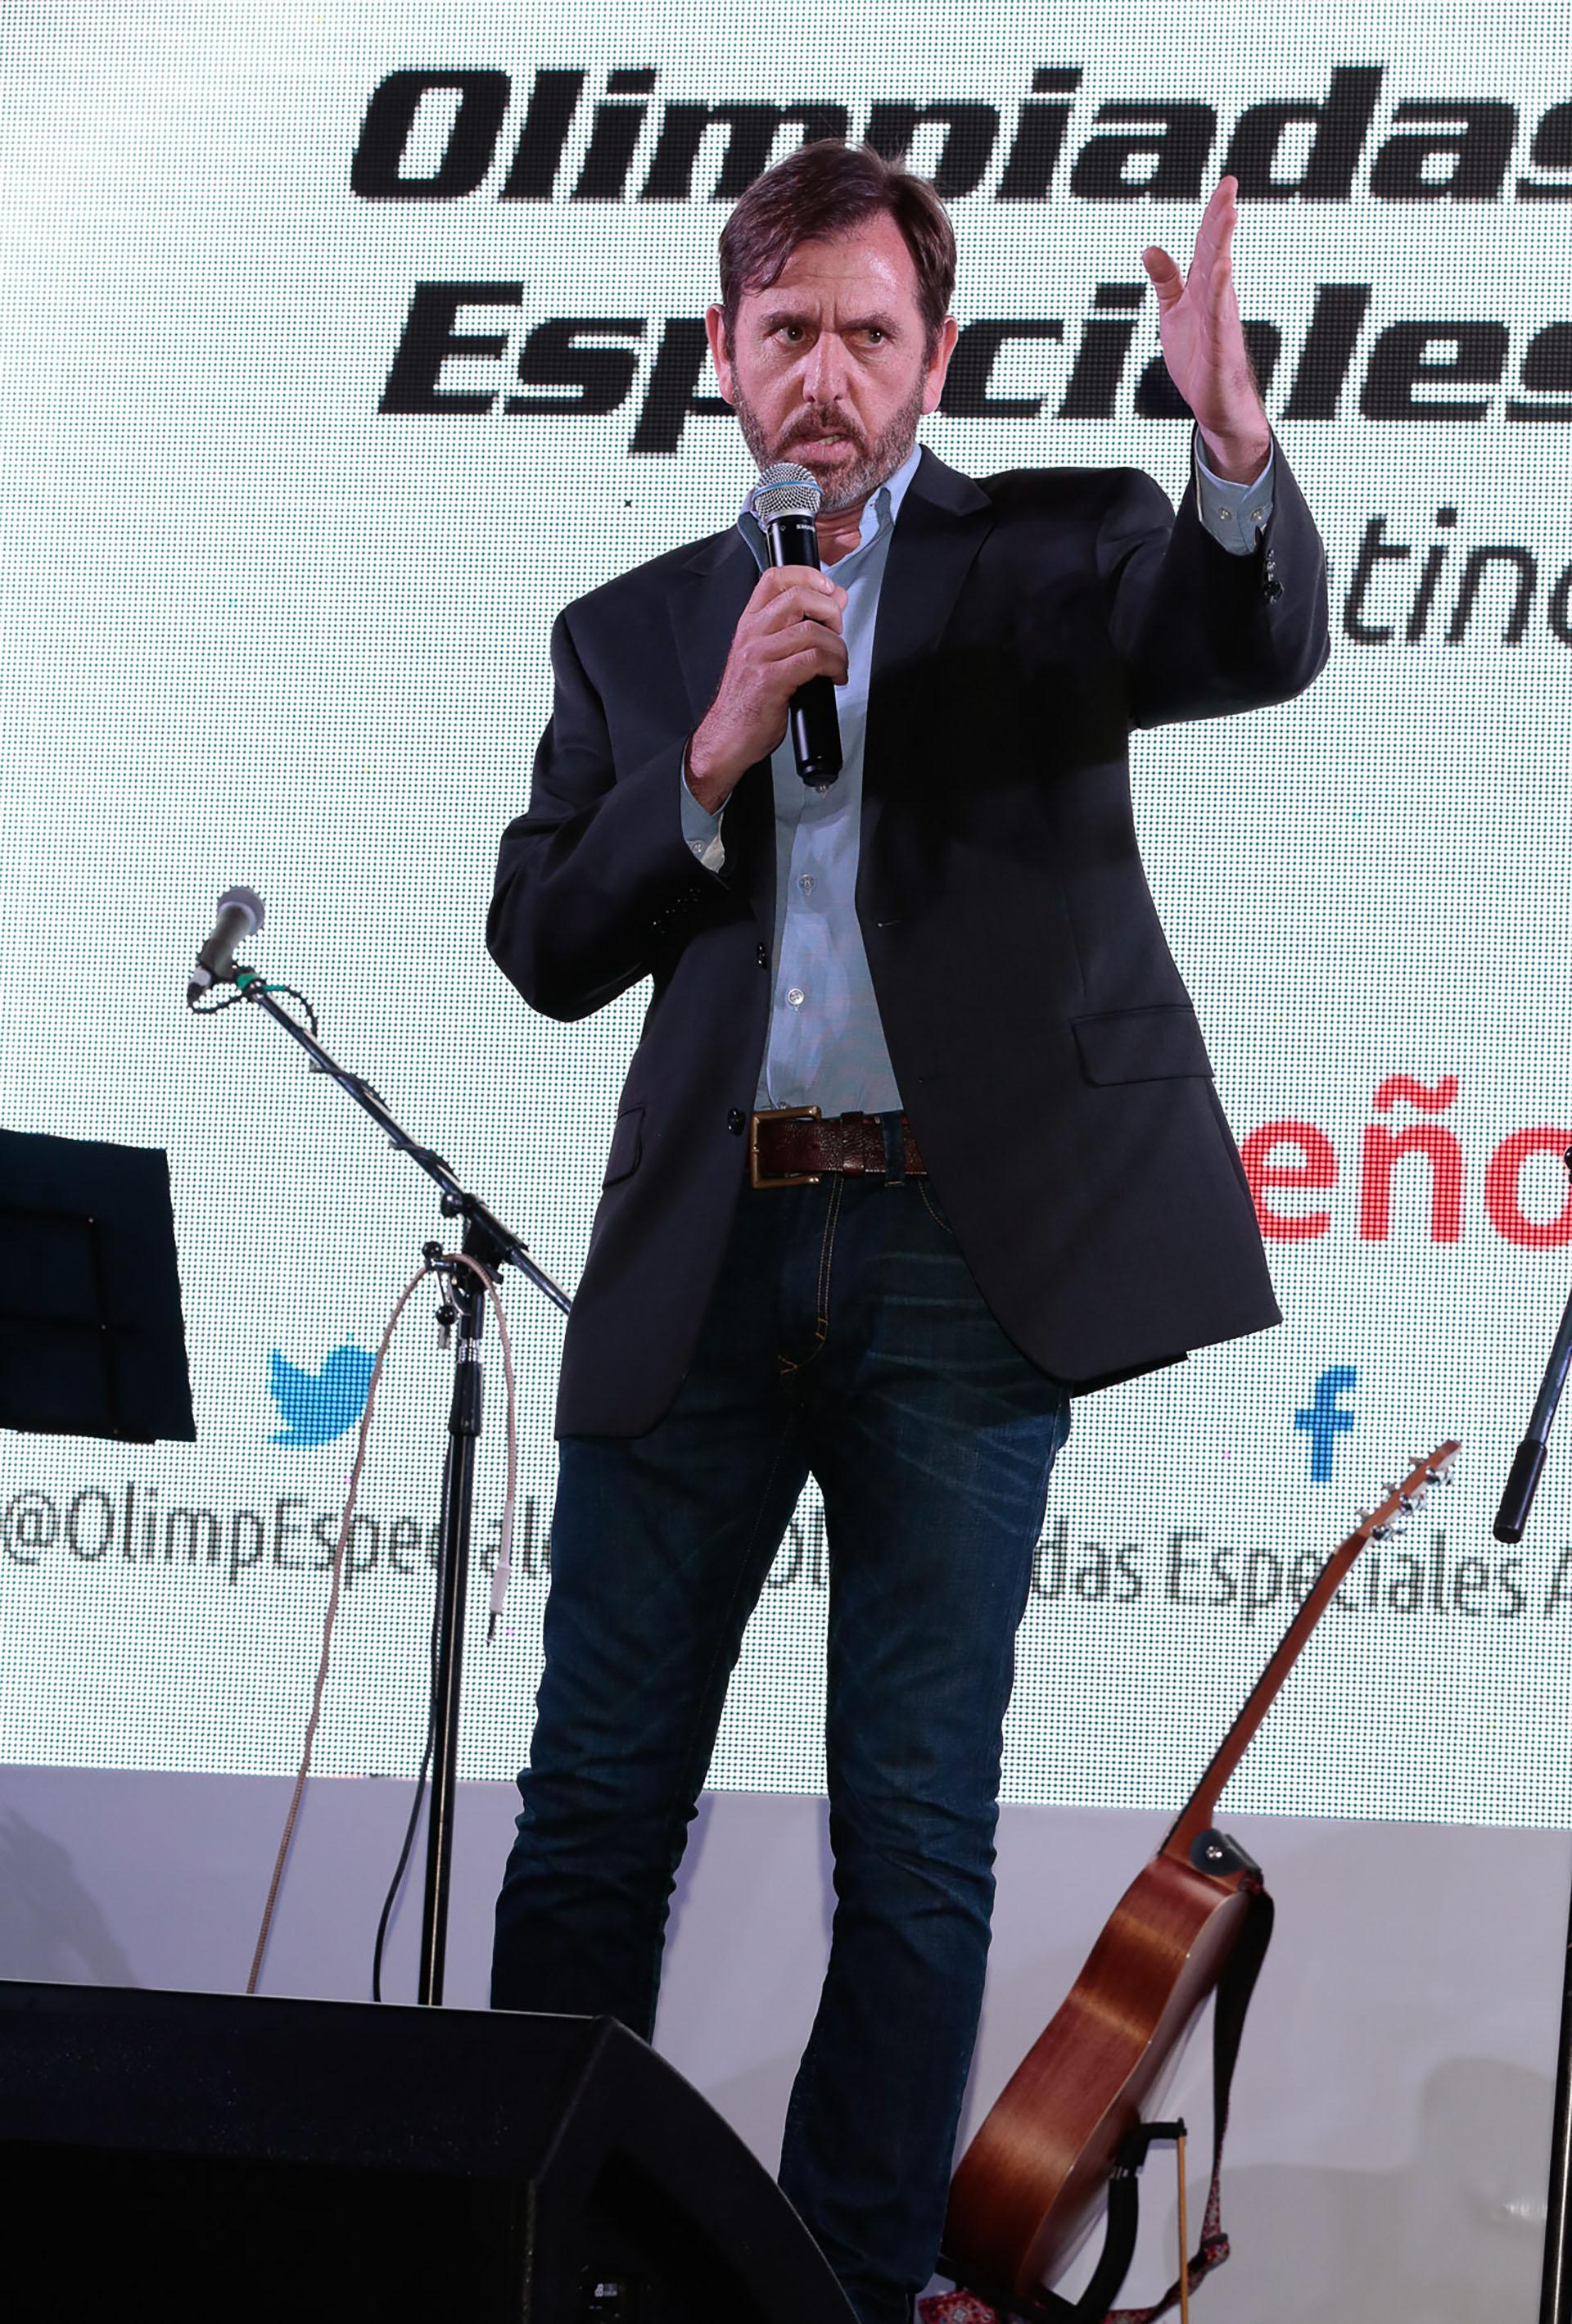 """El presidente de Olimpíadas Especiales Argentina (OEA) Diego Pando, recordó con emoción a su madre Pía Soldati (fundadora de esa entidad) y dijo en su discurso: """"Tenemos la oportunidad de aprender y cambiar, por eso, desde Olimpíadas Especiales y junto a todos ustedes vamos por más para darle a los chicos la vida que se merecen"""""""